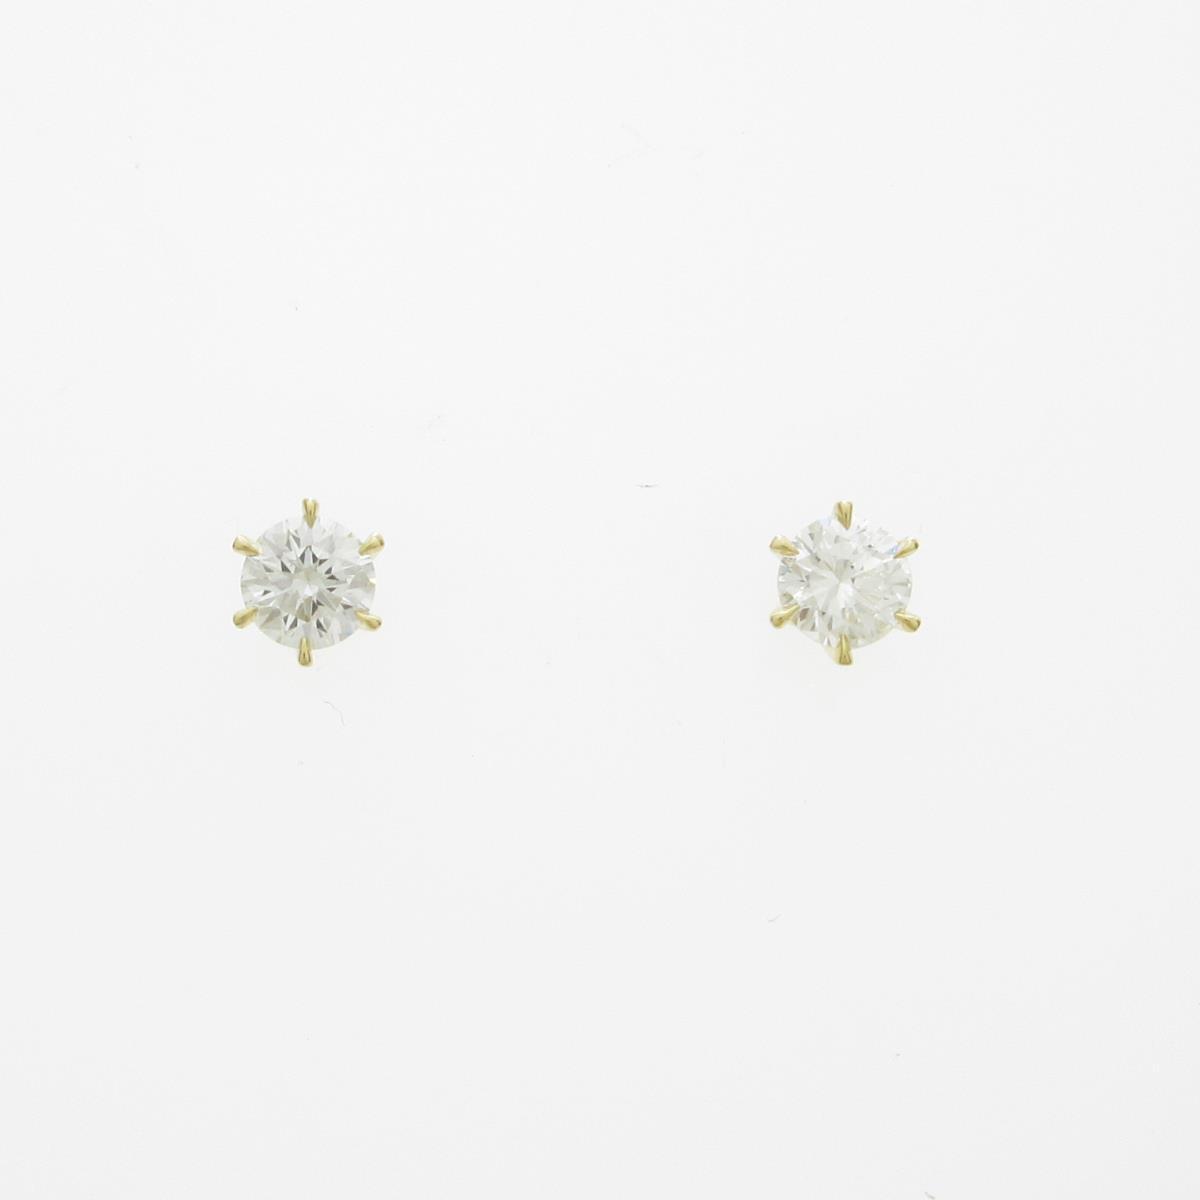 【新品】K18YG ダイヤモンドピアス 0.209ct・0.200ct・F・SI1-2・GOOD【新品】